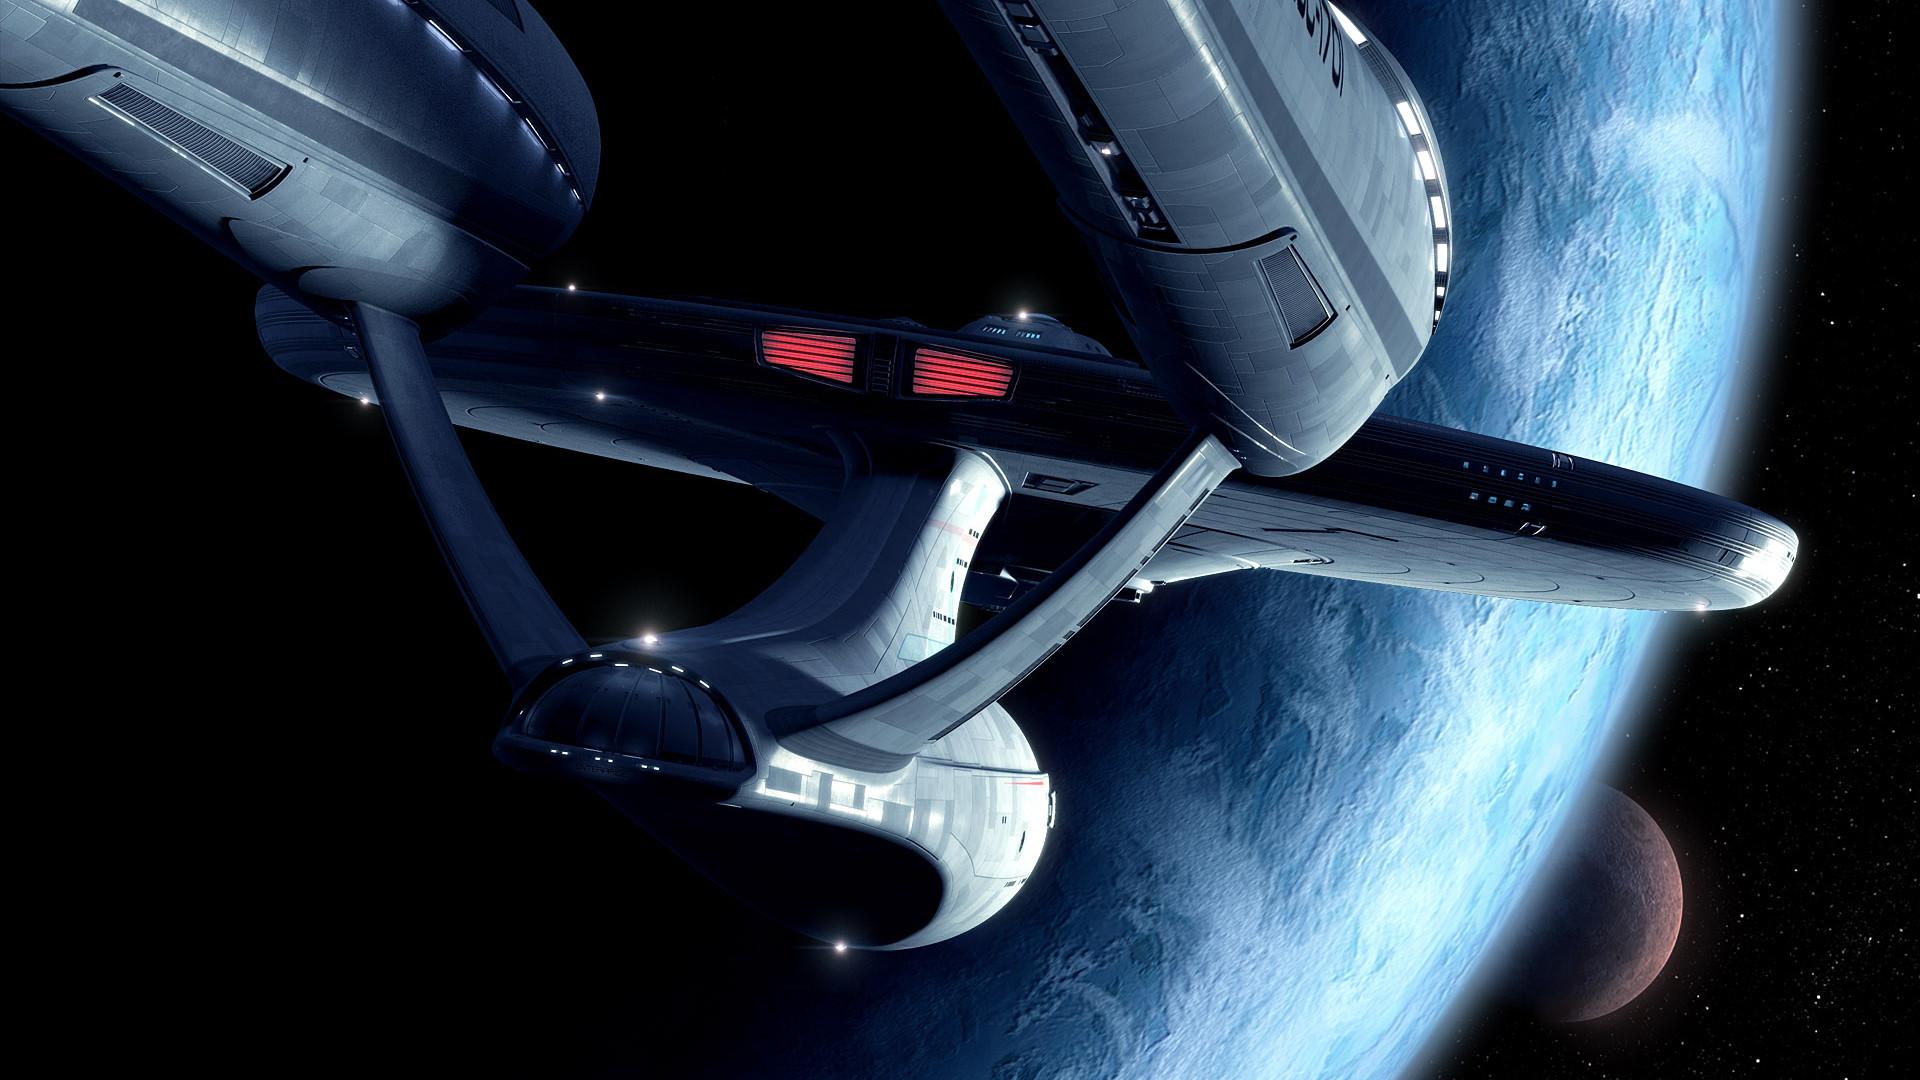 Sci Fi – Star Trek Star_Trek Star Wars Wallpaper